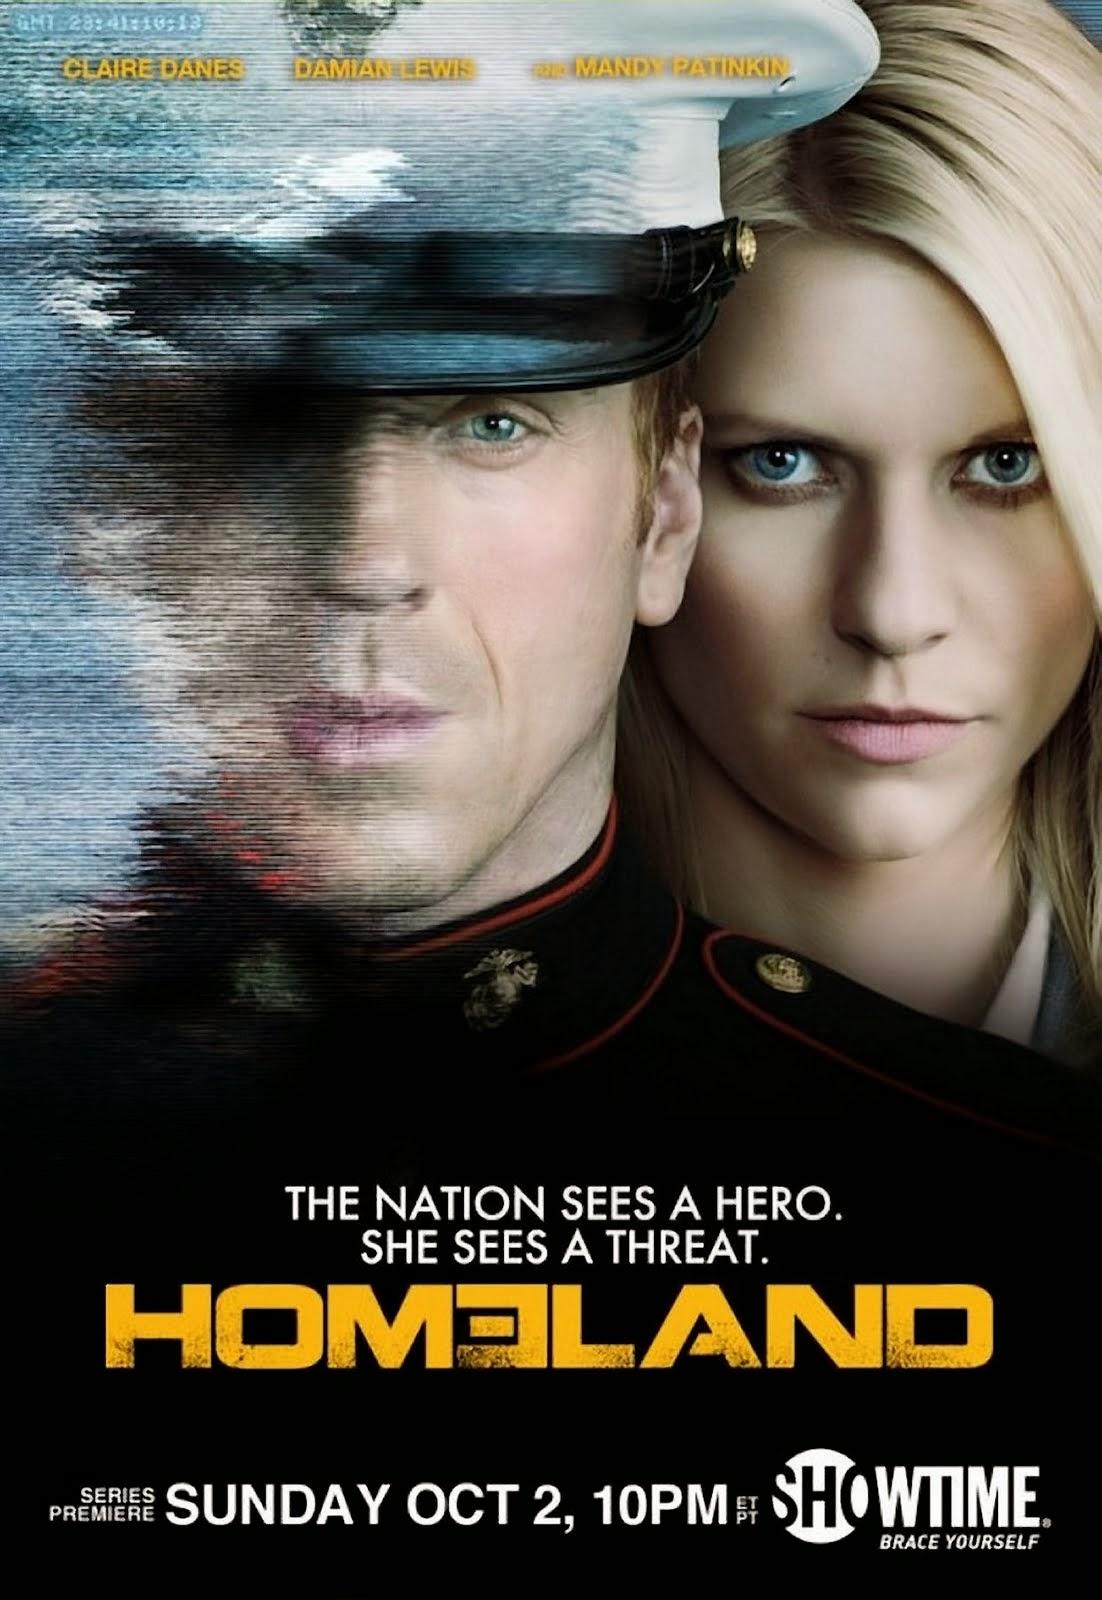 http://www.filmeslivroseseries.com/2014/03/series-homeland-1-temporada.html